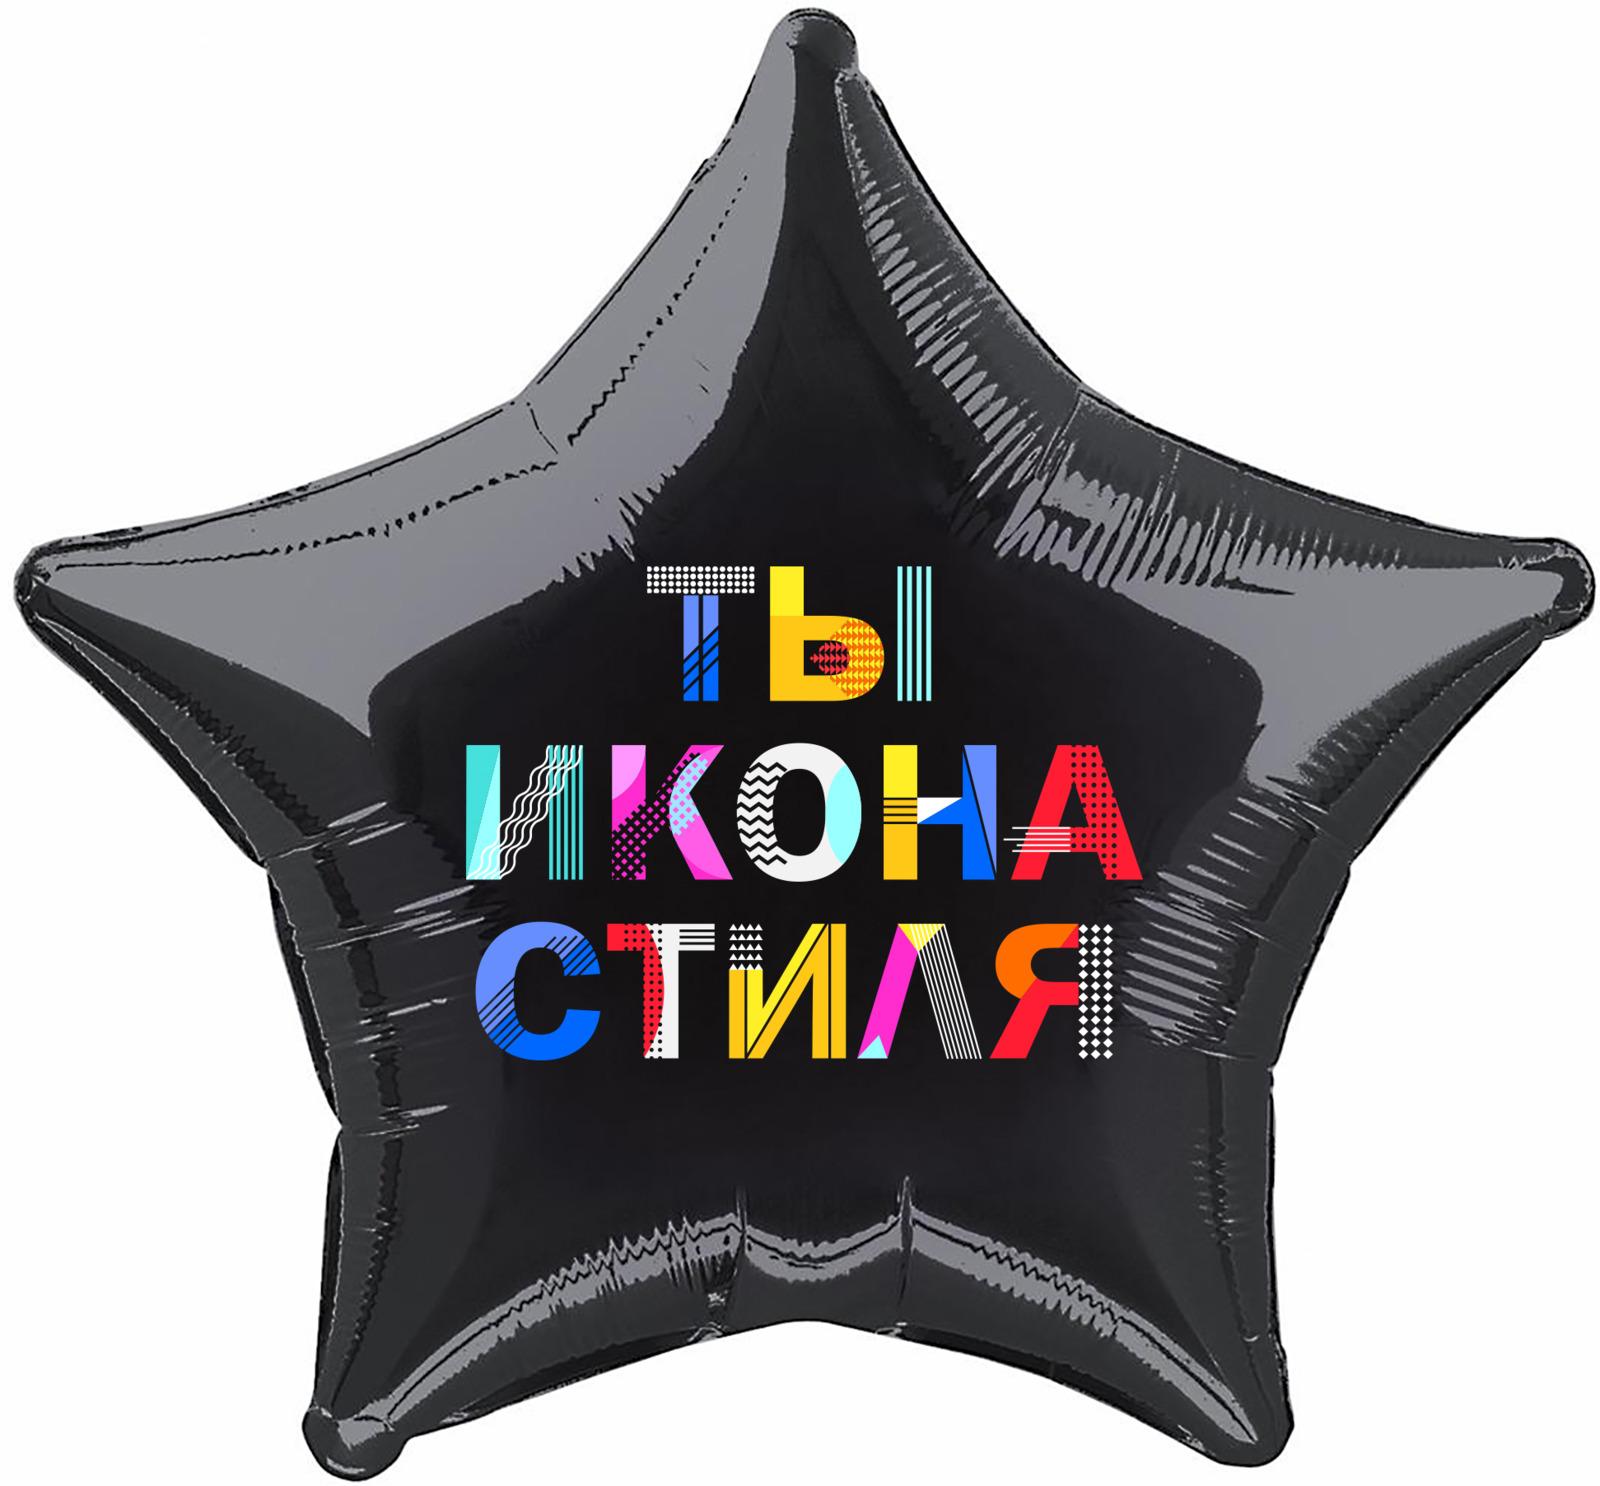 Воздушный шар Agura Miland Икона стиля, 466-5-306-68604-2